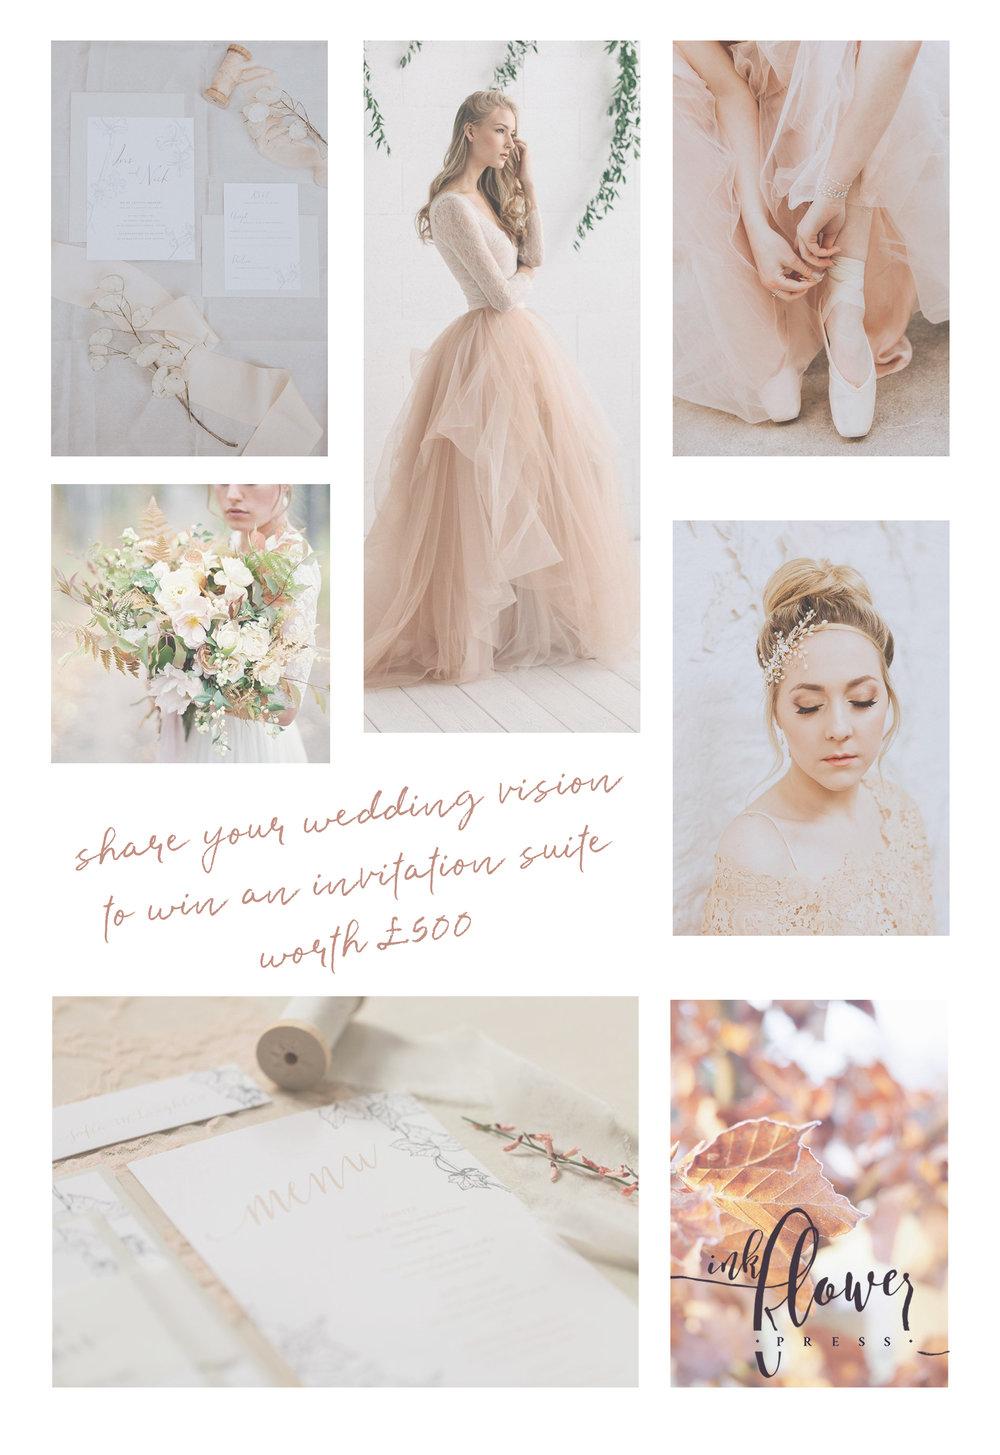 ballet pinterest promo.jpg